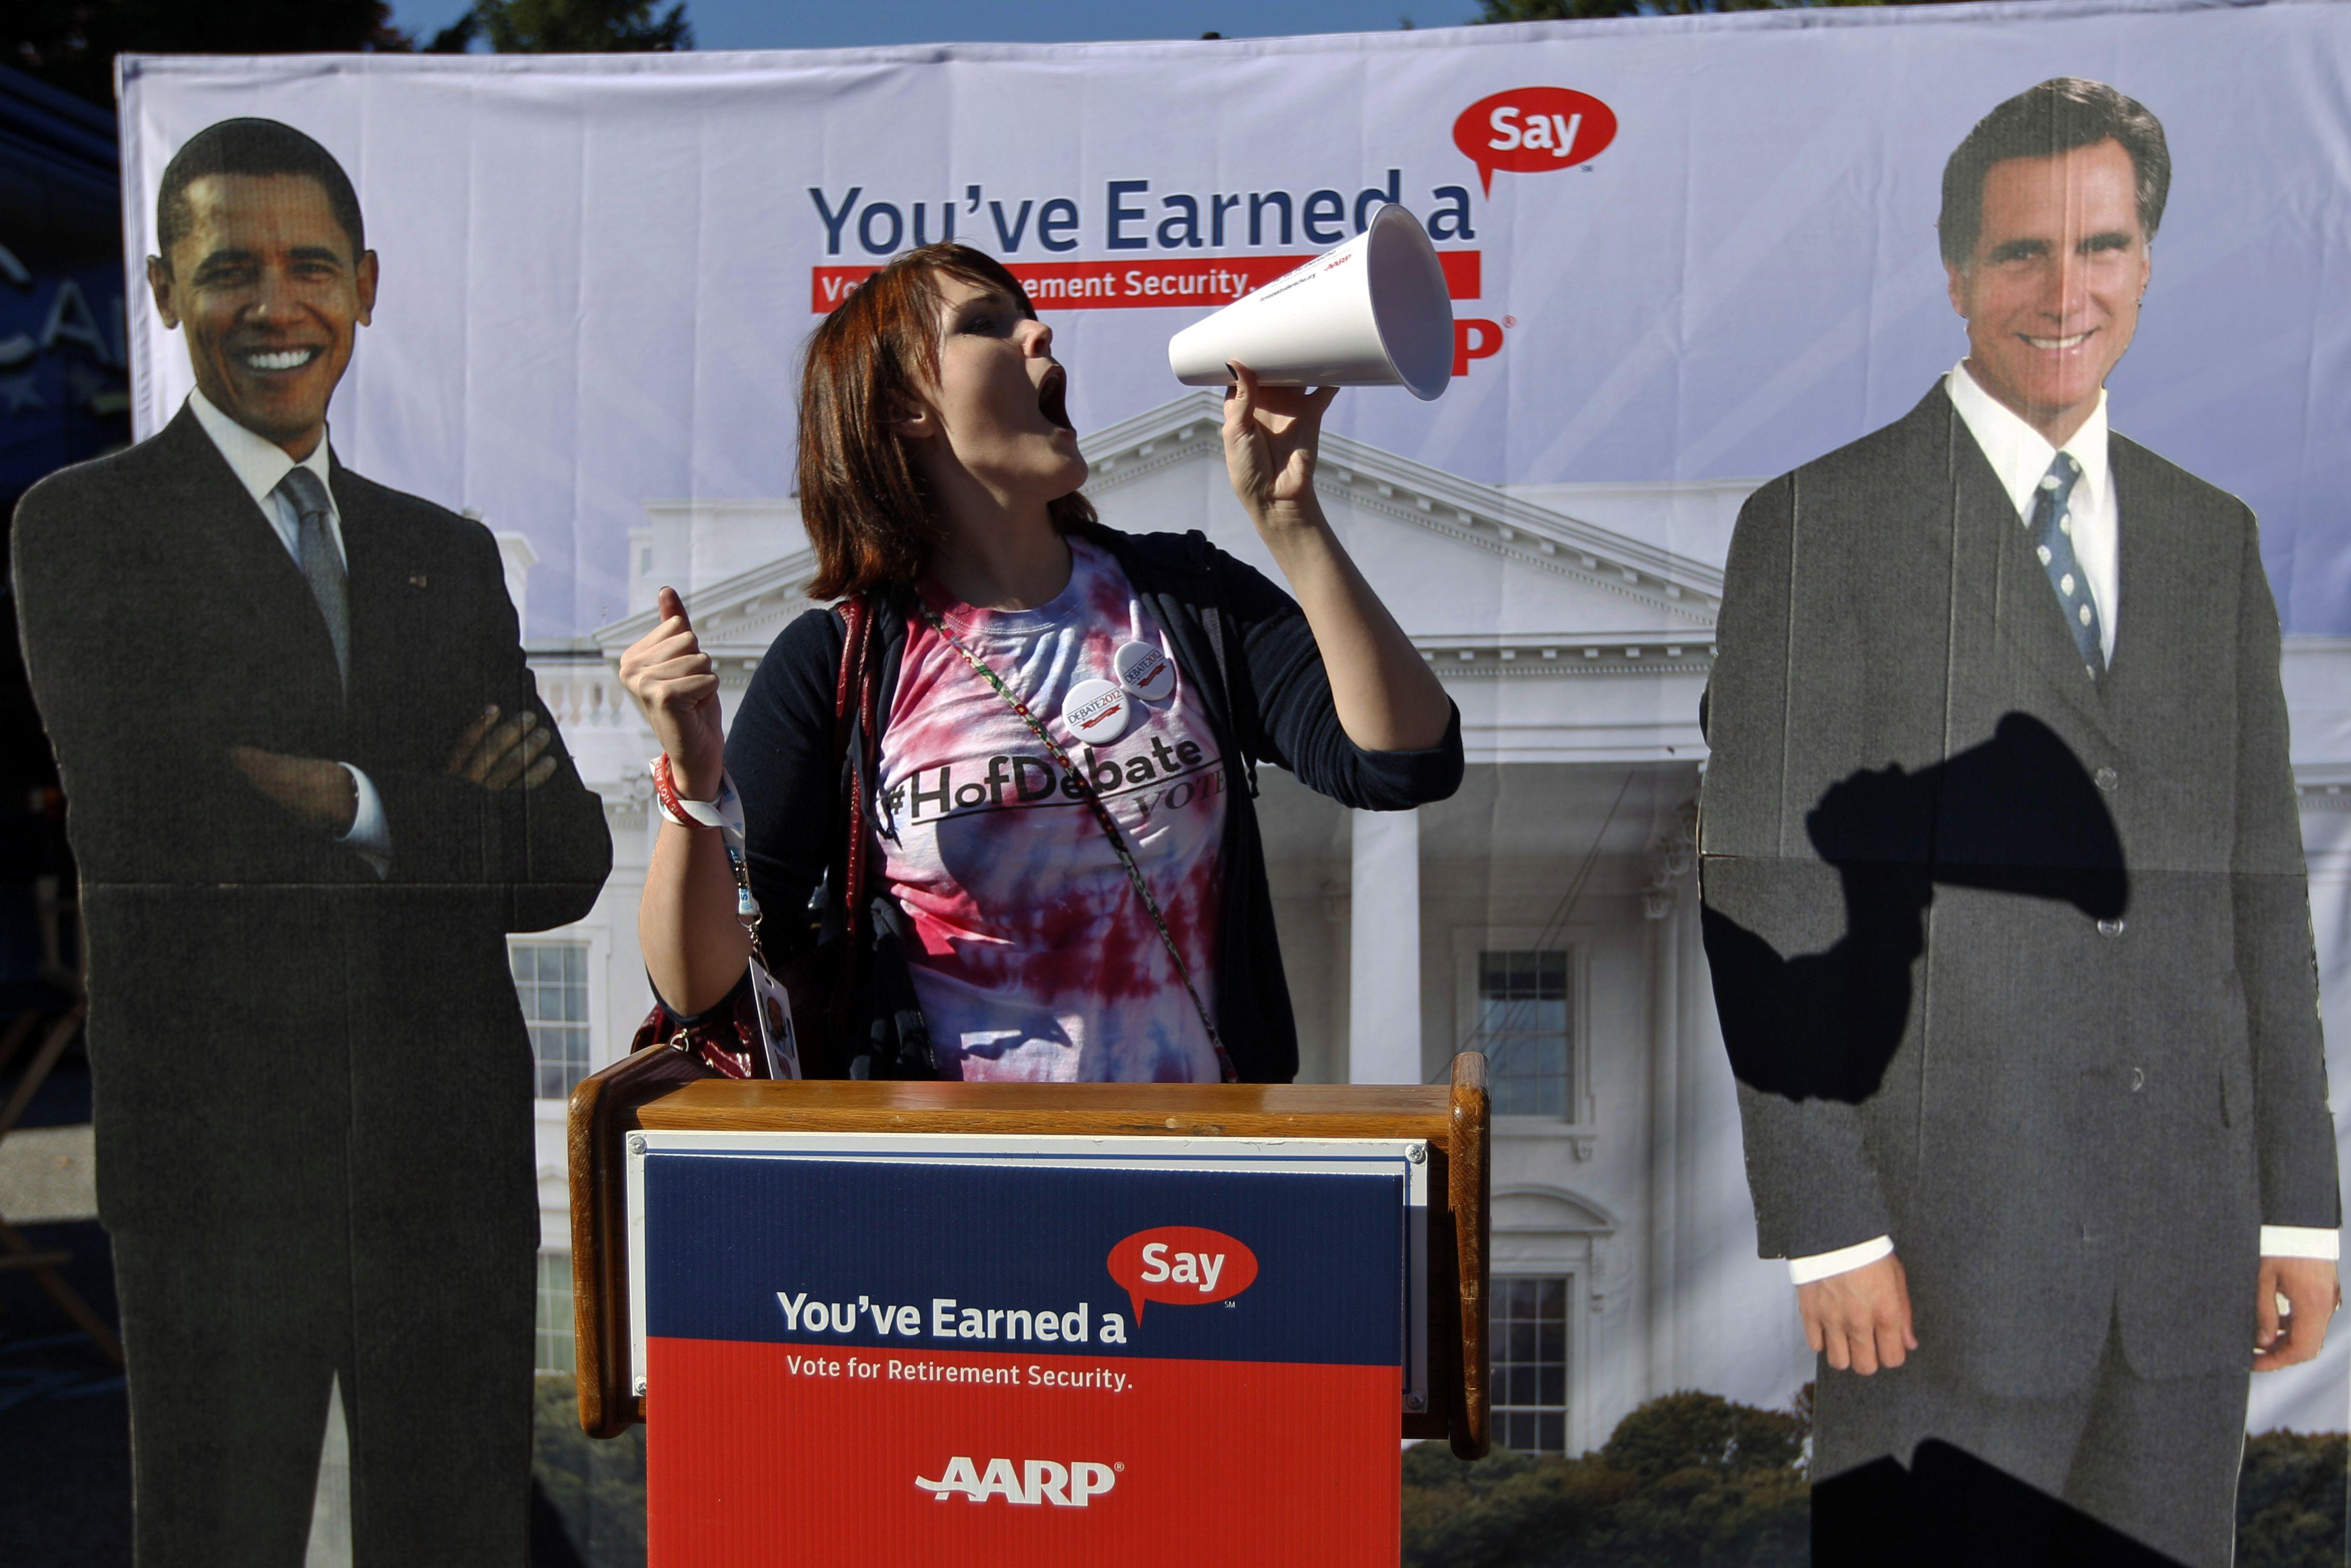 Romney binder jokes